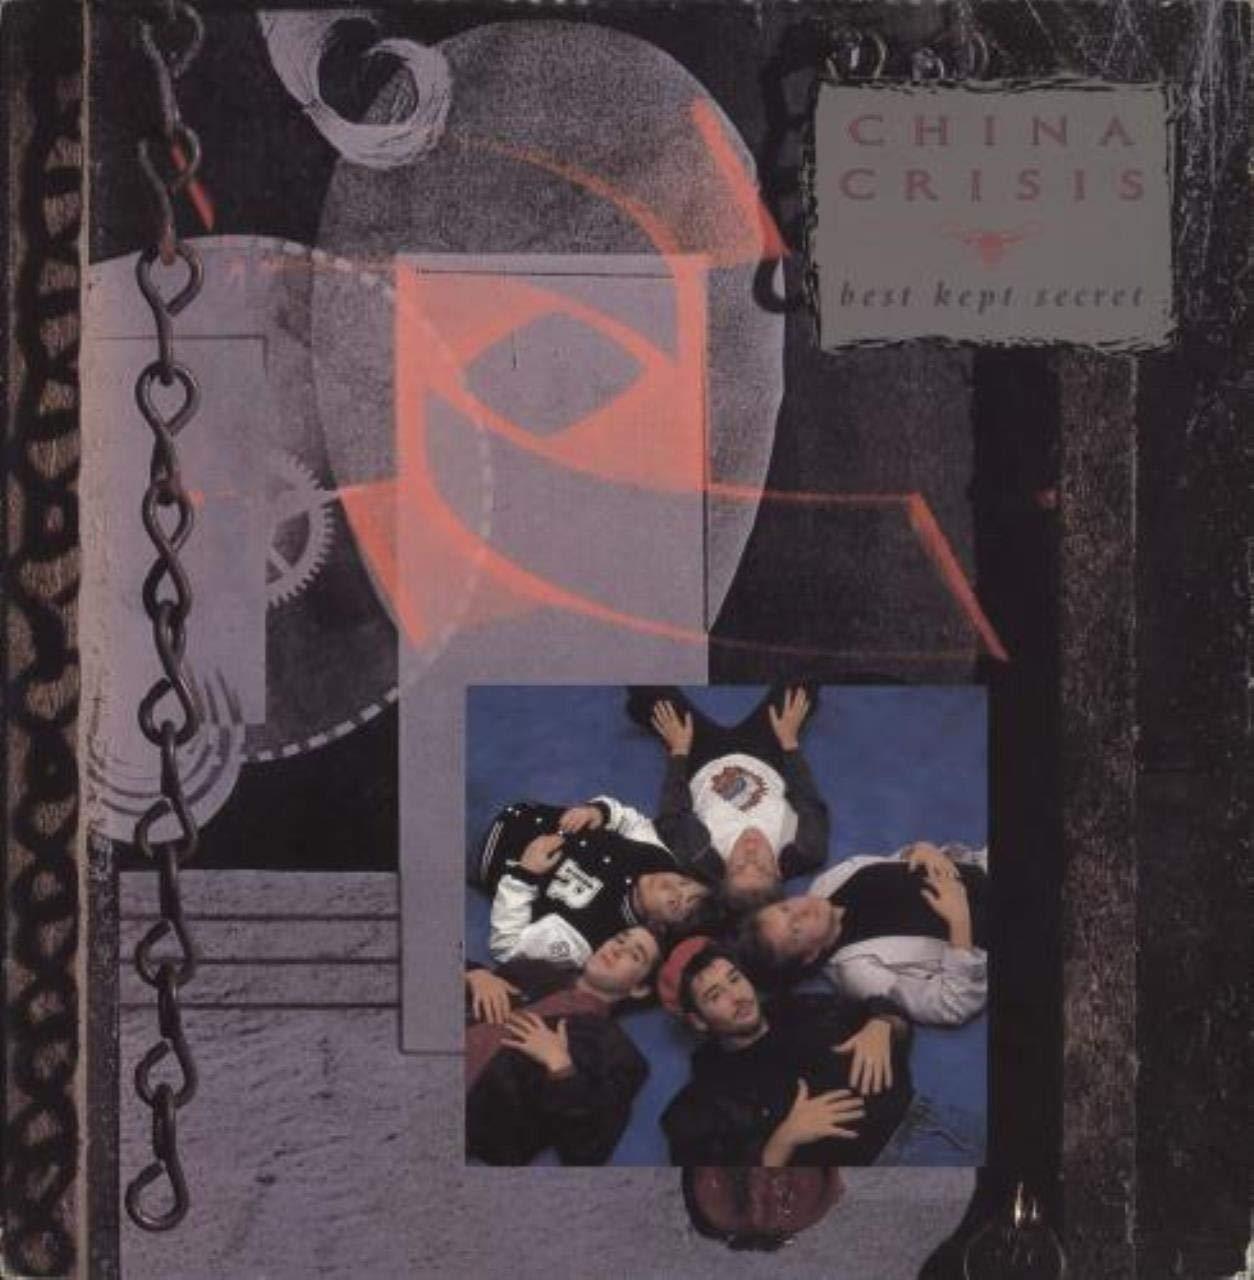 Best kept secret (1987) / Vinyl Maxi Single [Vinyl 12'']